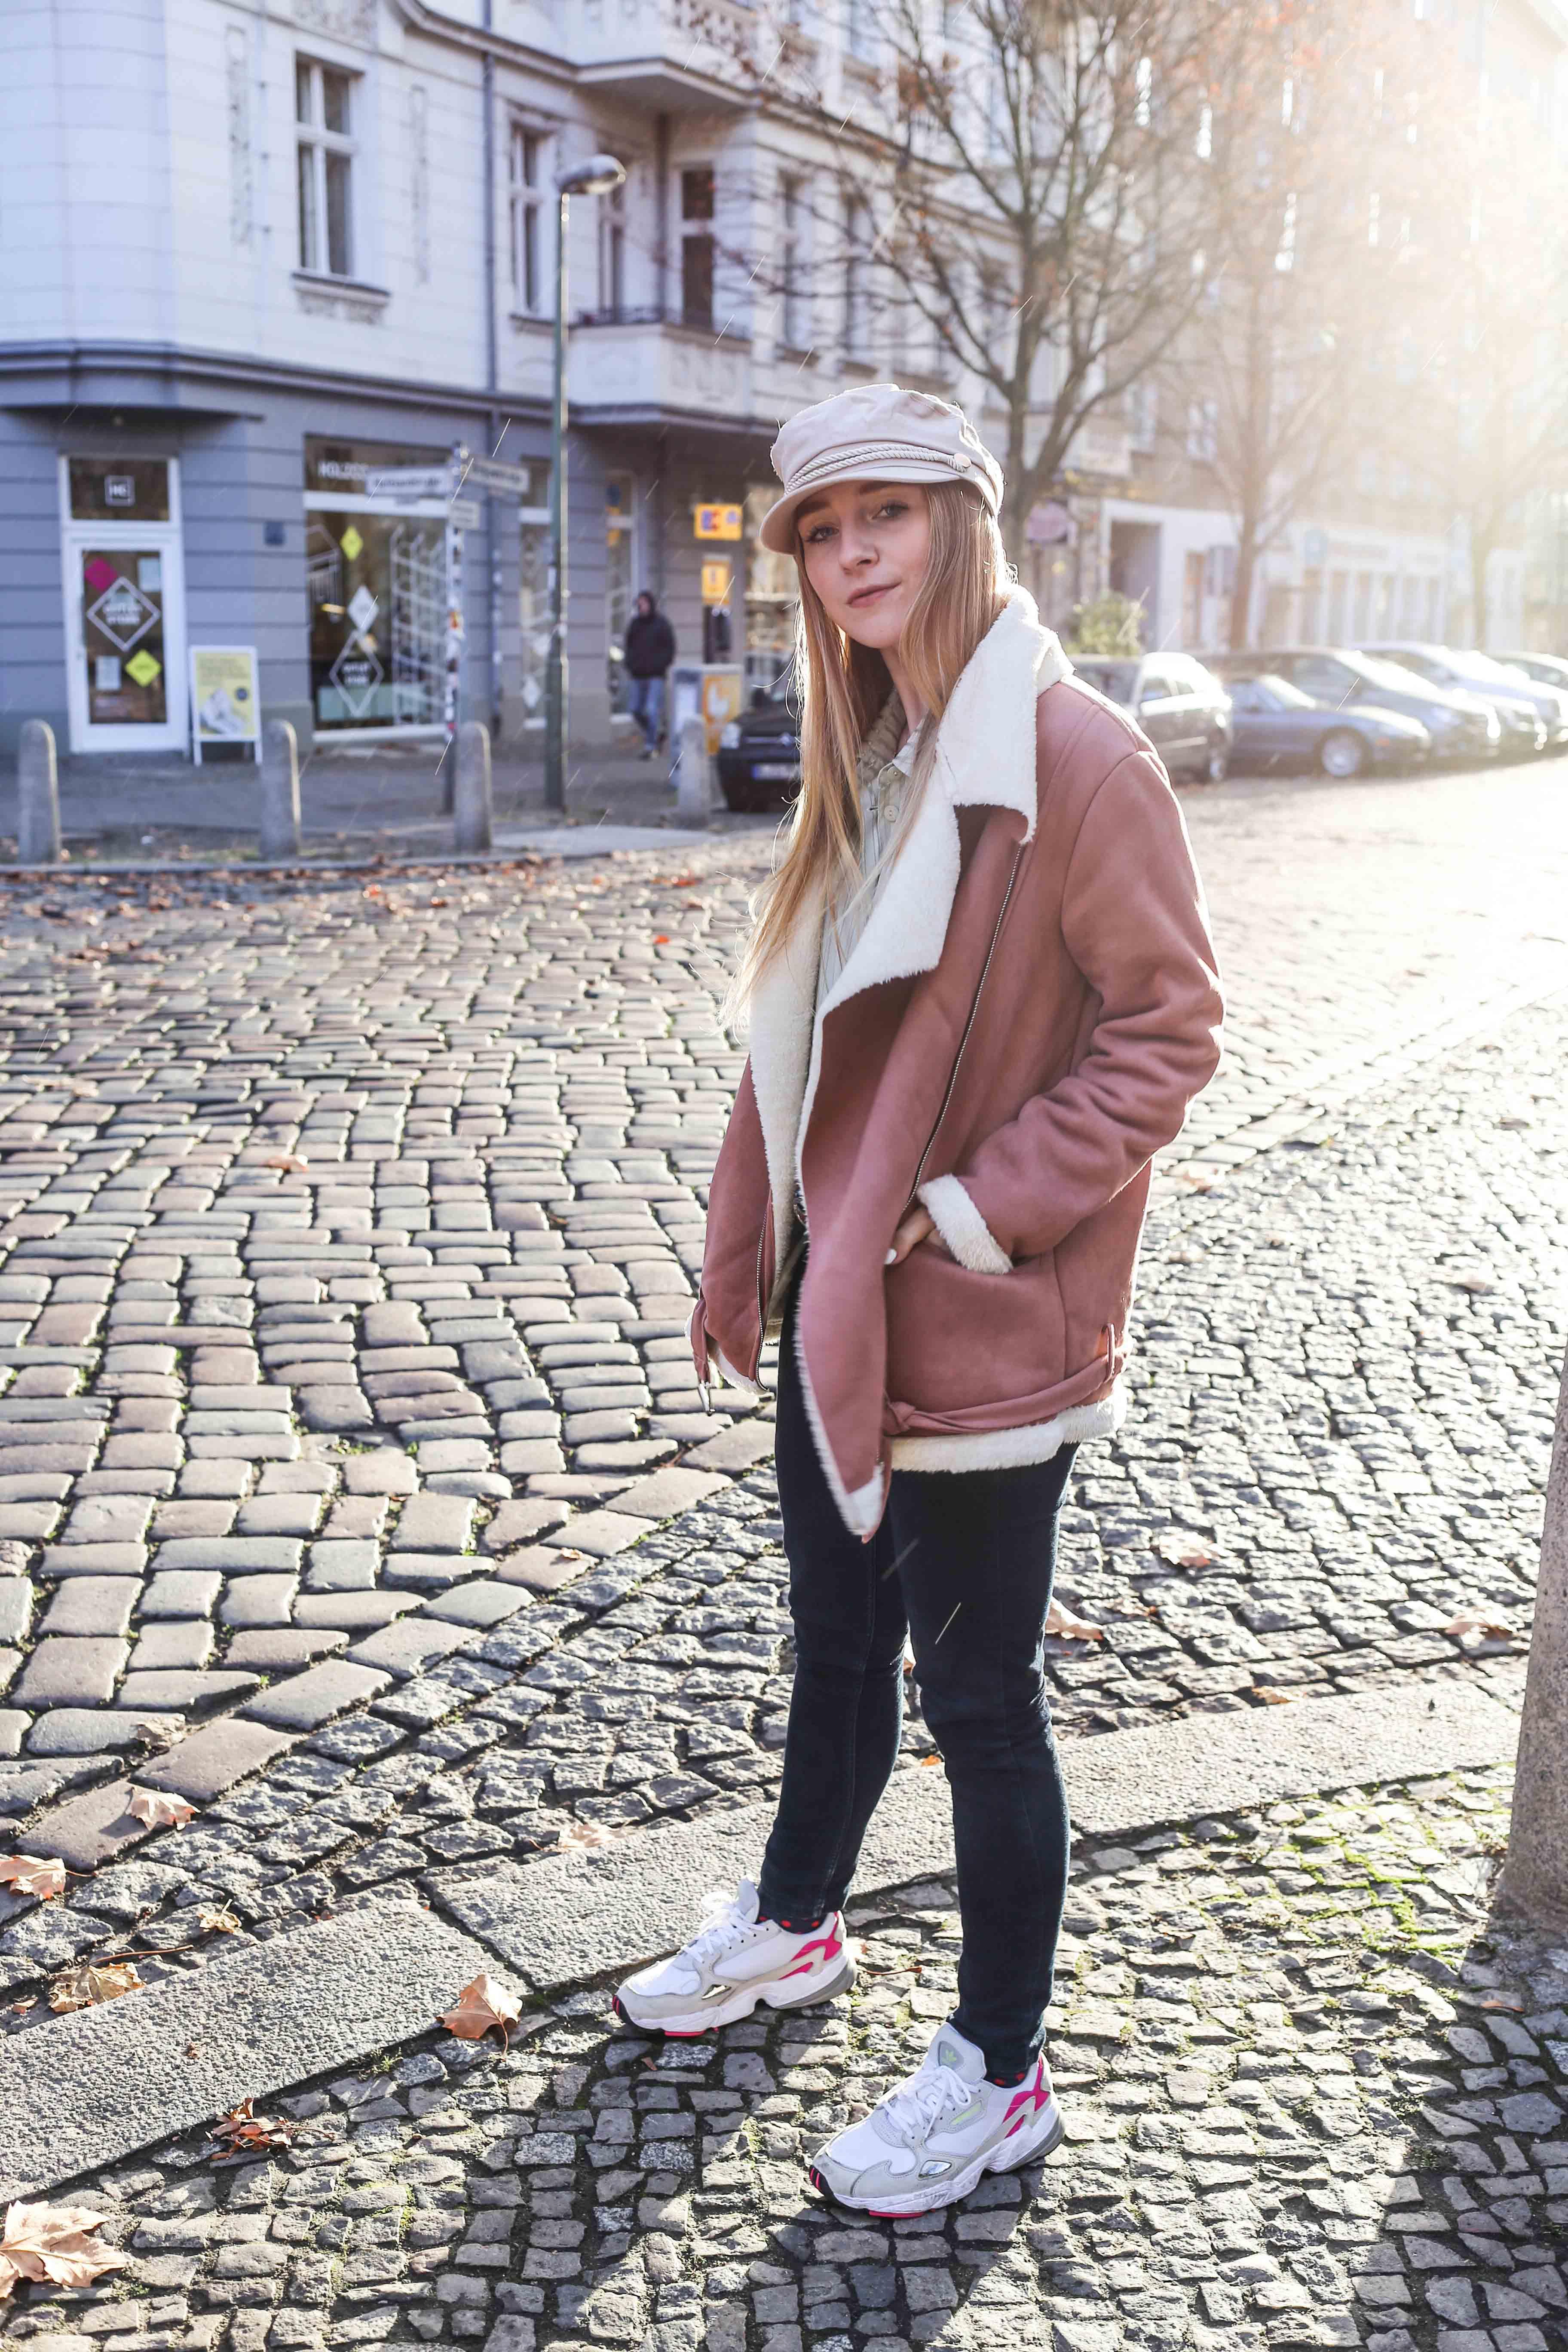 herbst-übergangsjacke-outfit-look